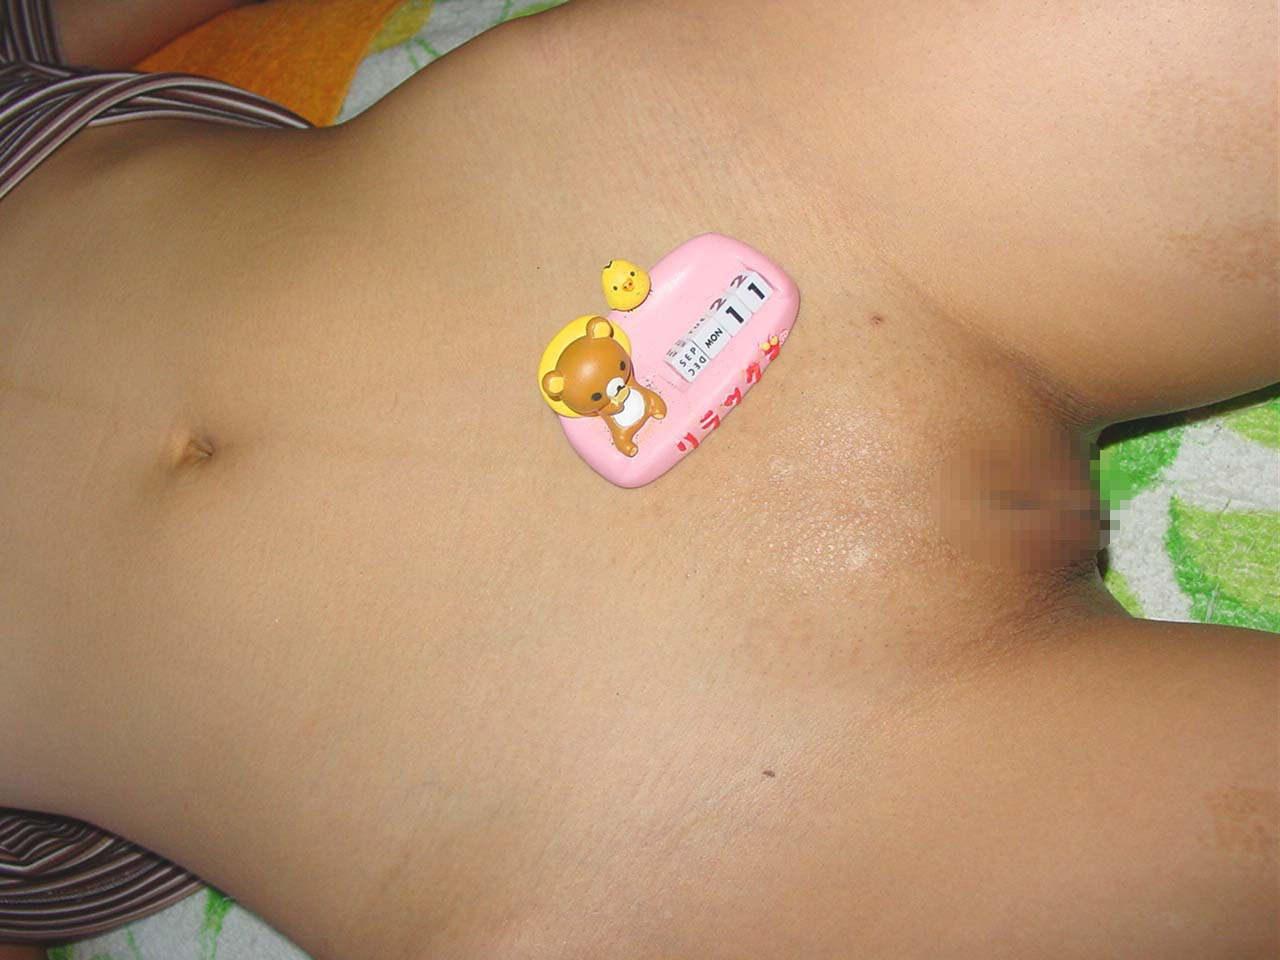 丁寧に剃毛された素人娘のパイパンまんこwwwwツルツル綺麗なんで接写したエロ画像 114